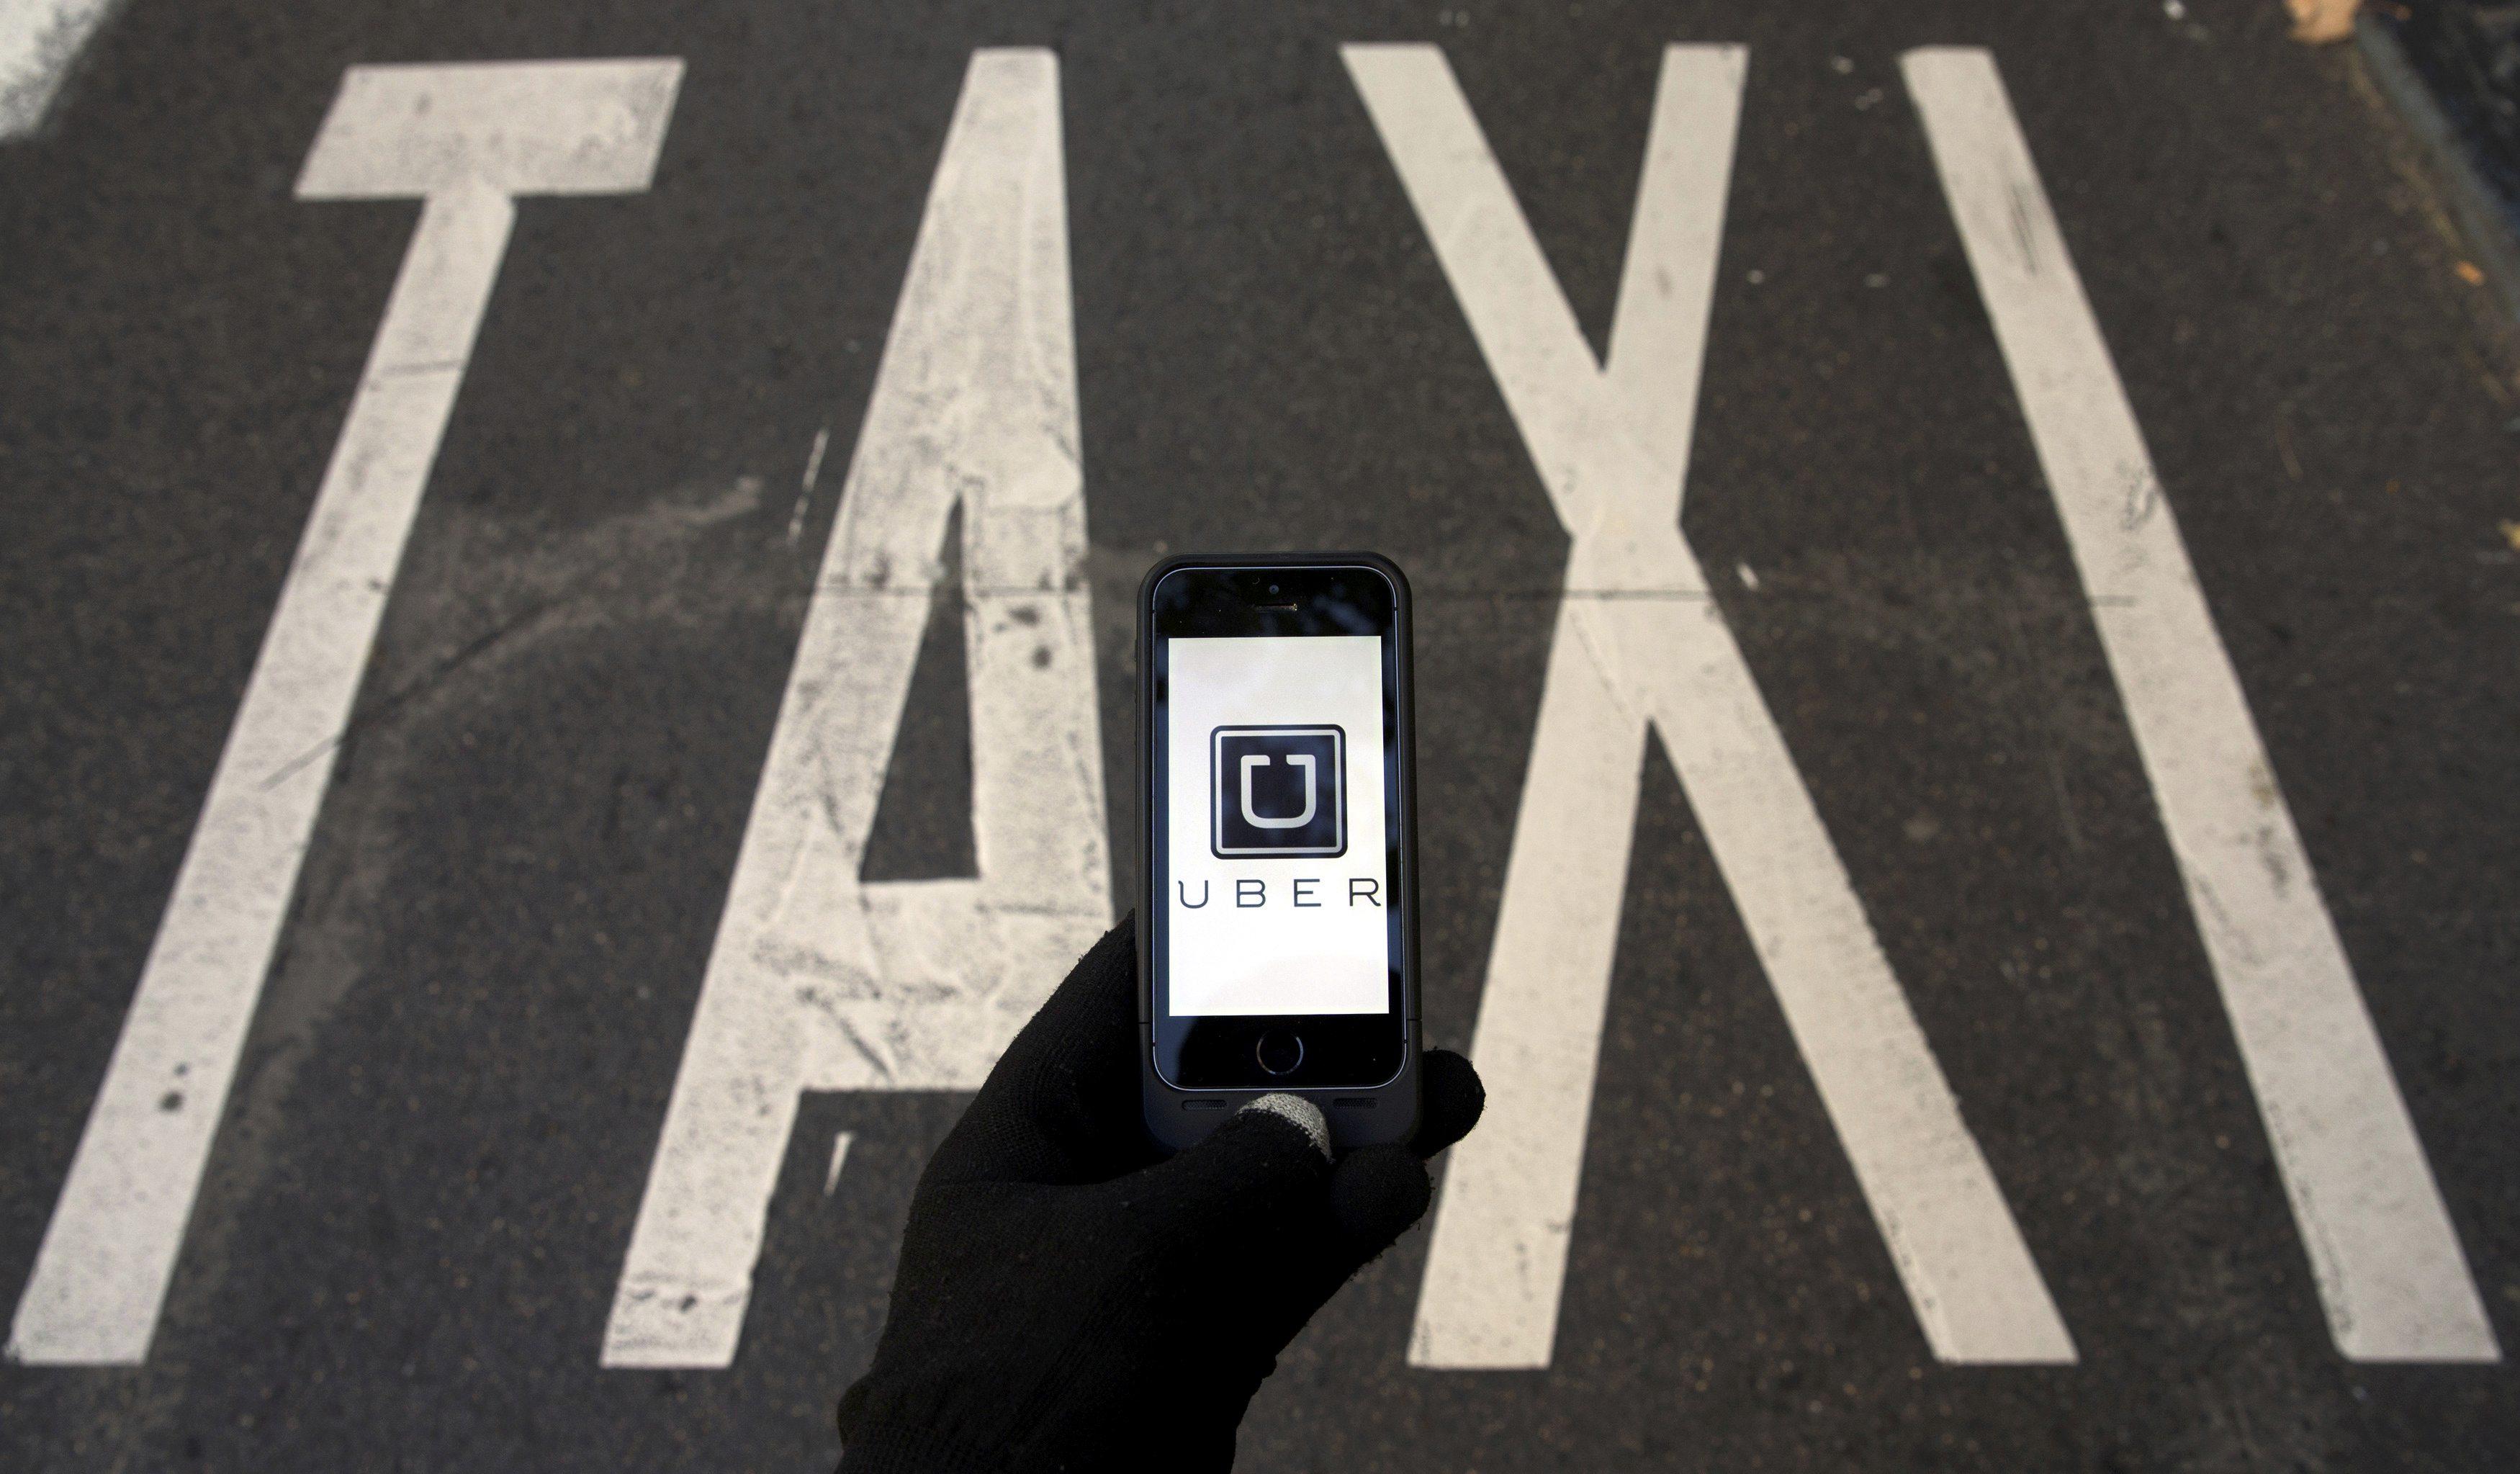 Uber pruža usluge prijevoza preko aplikacije na pametnom telefonu